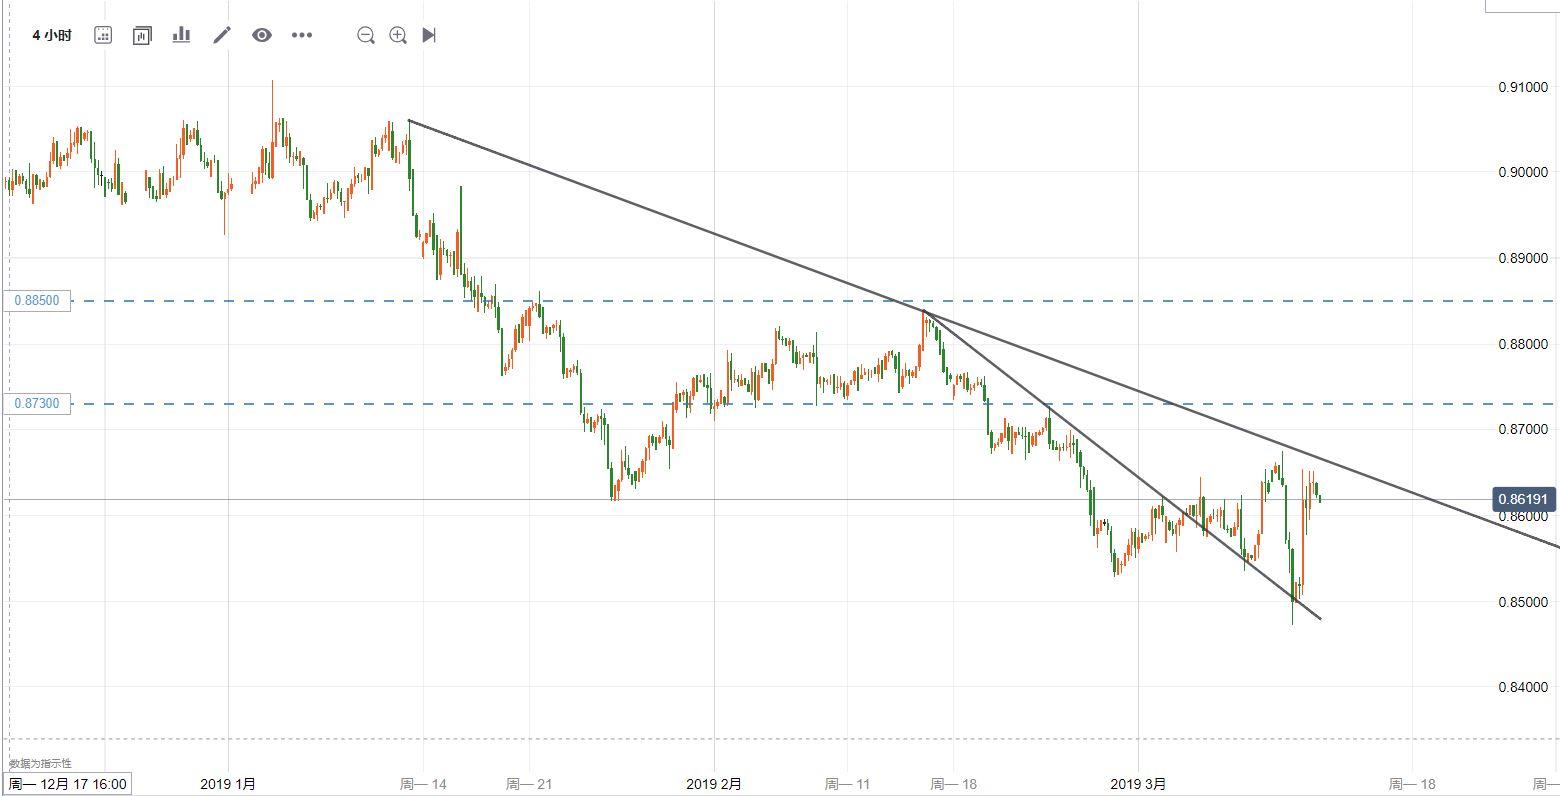 欧元/英镑技术分析:振幅加大,但未摆脱震荡区间